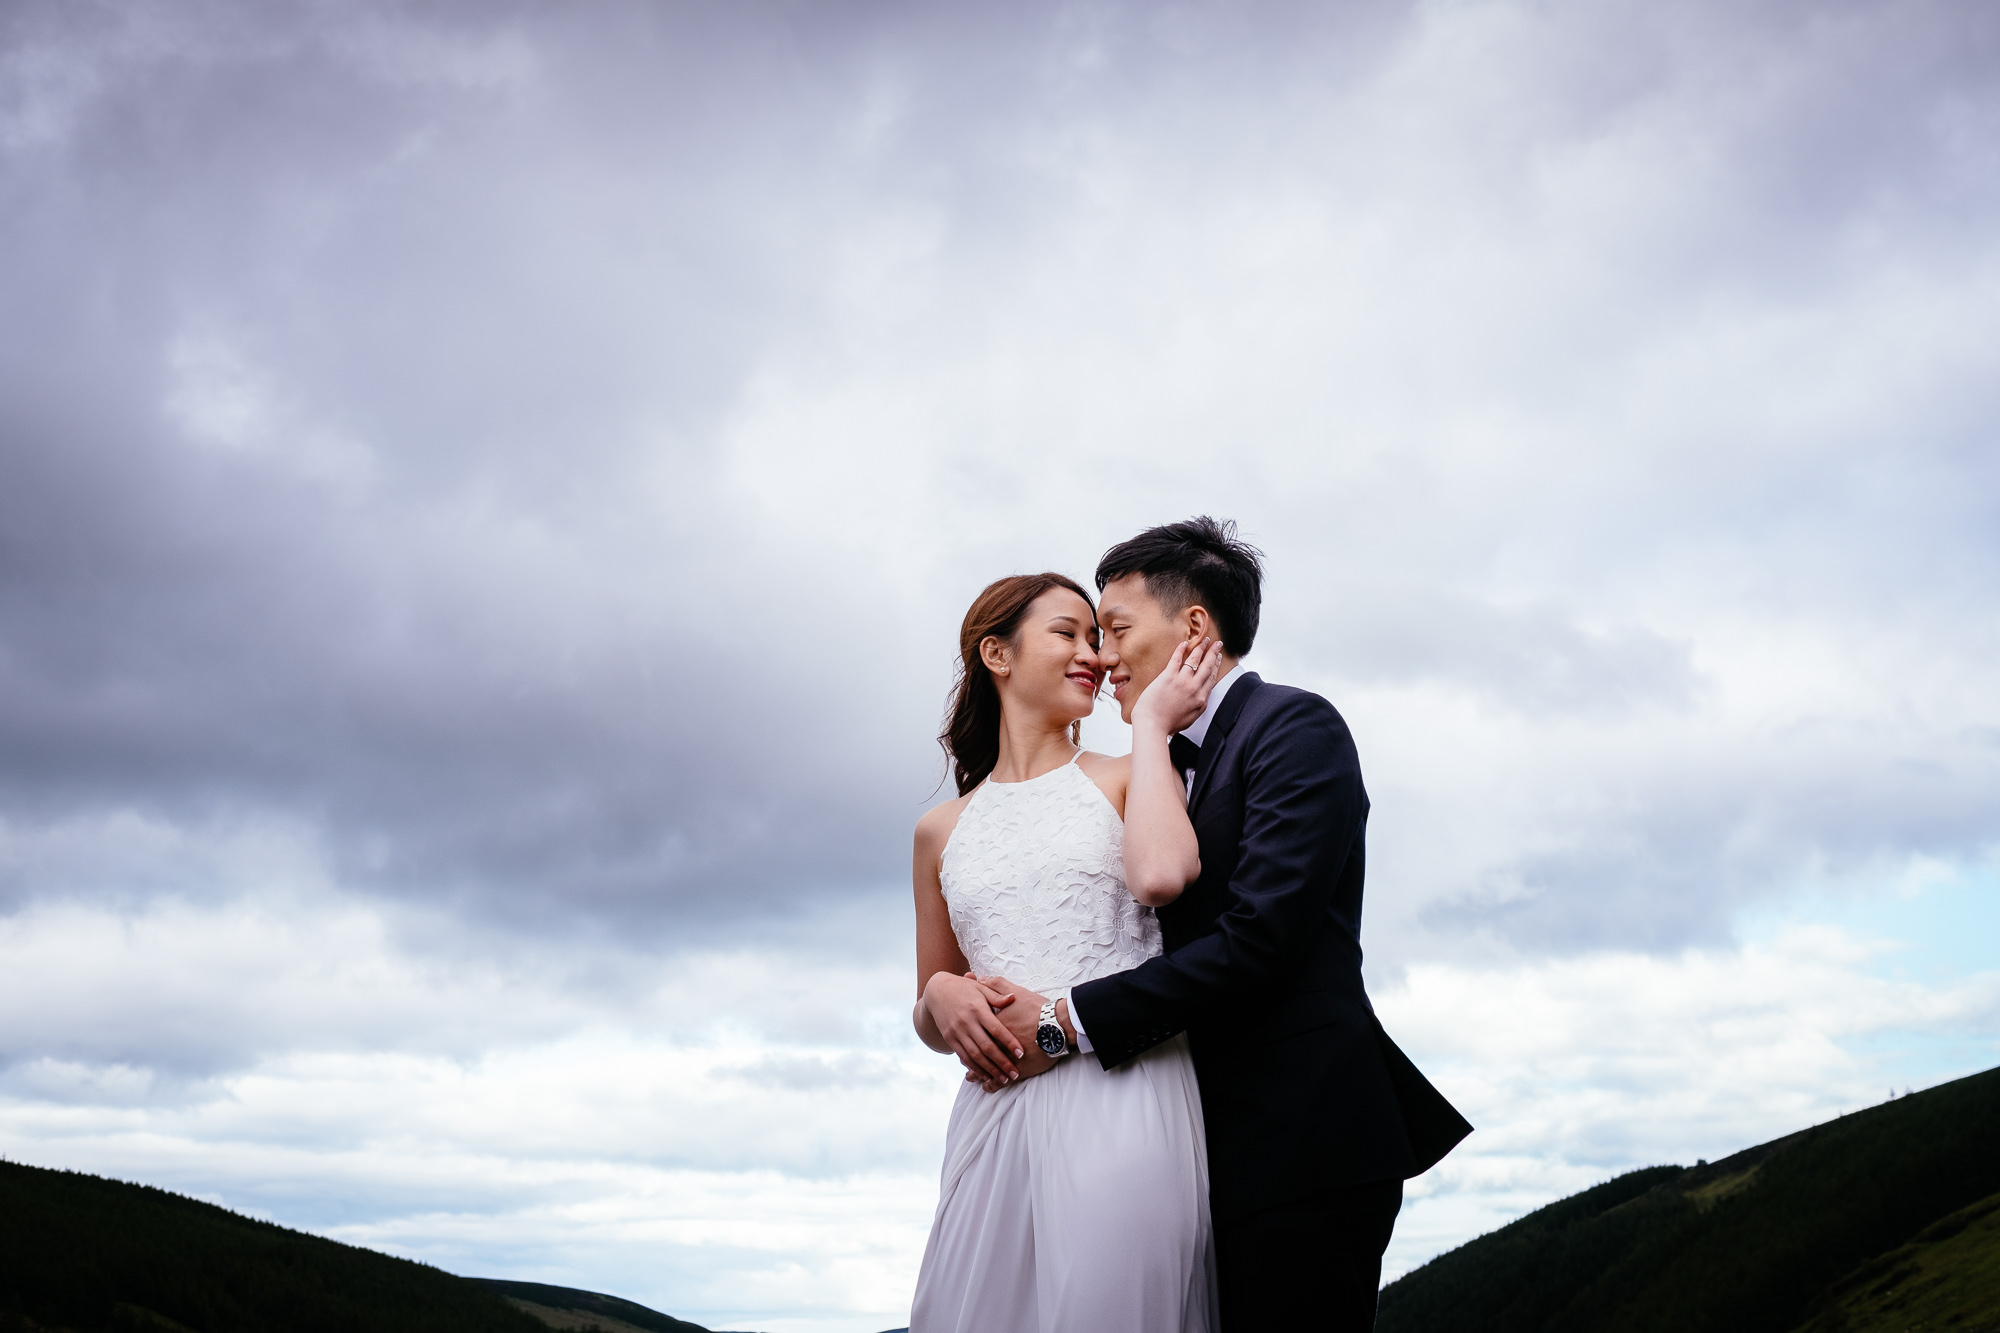 Engagement shoot in wicklow ireland 0071